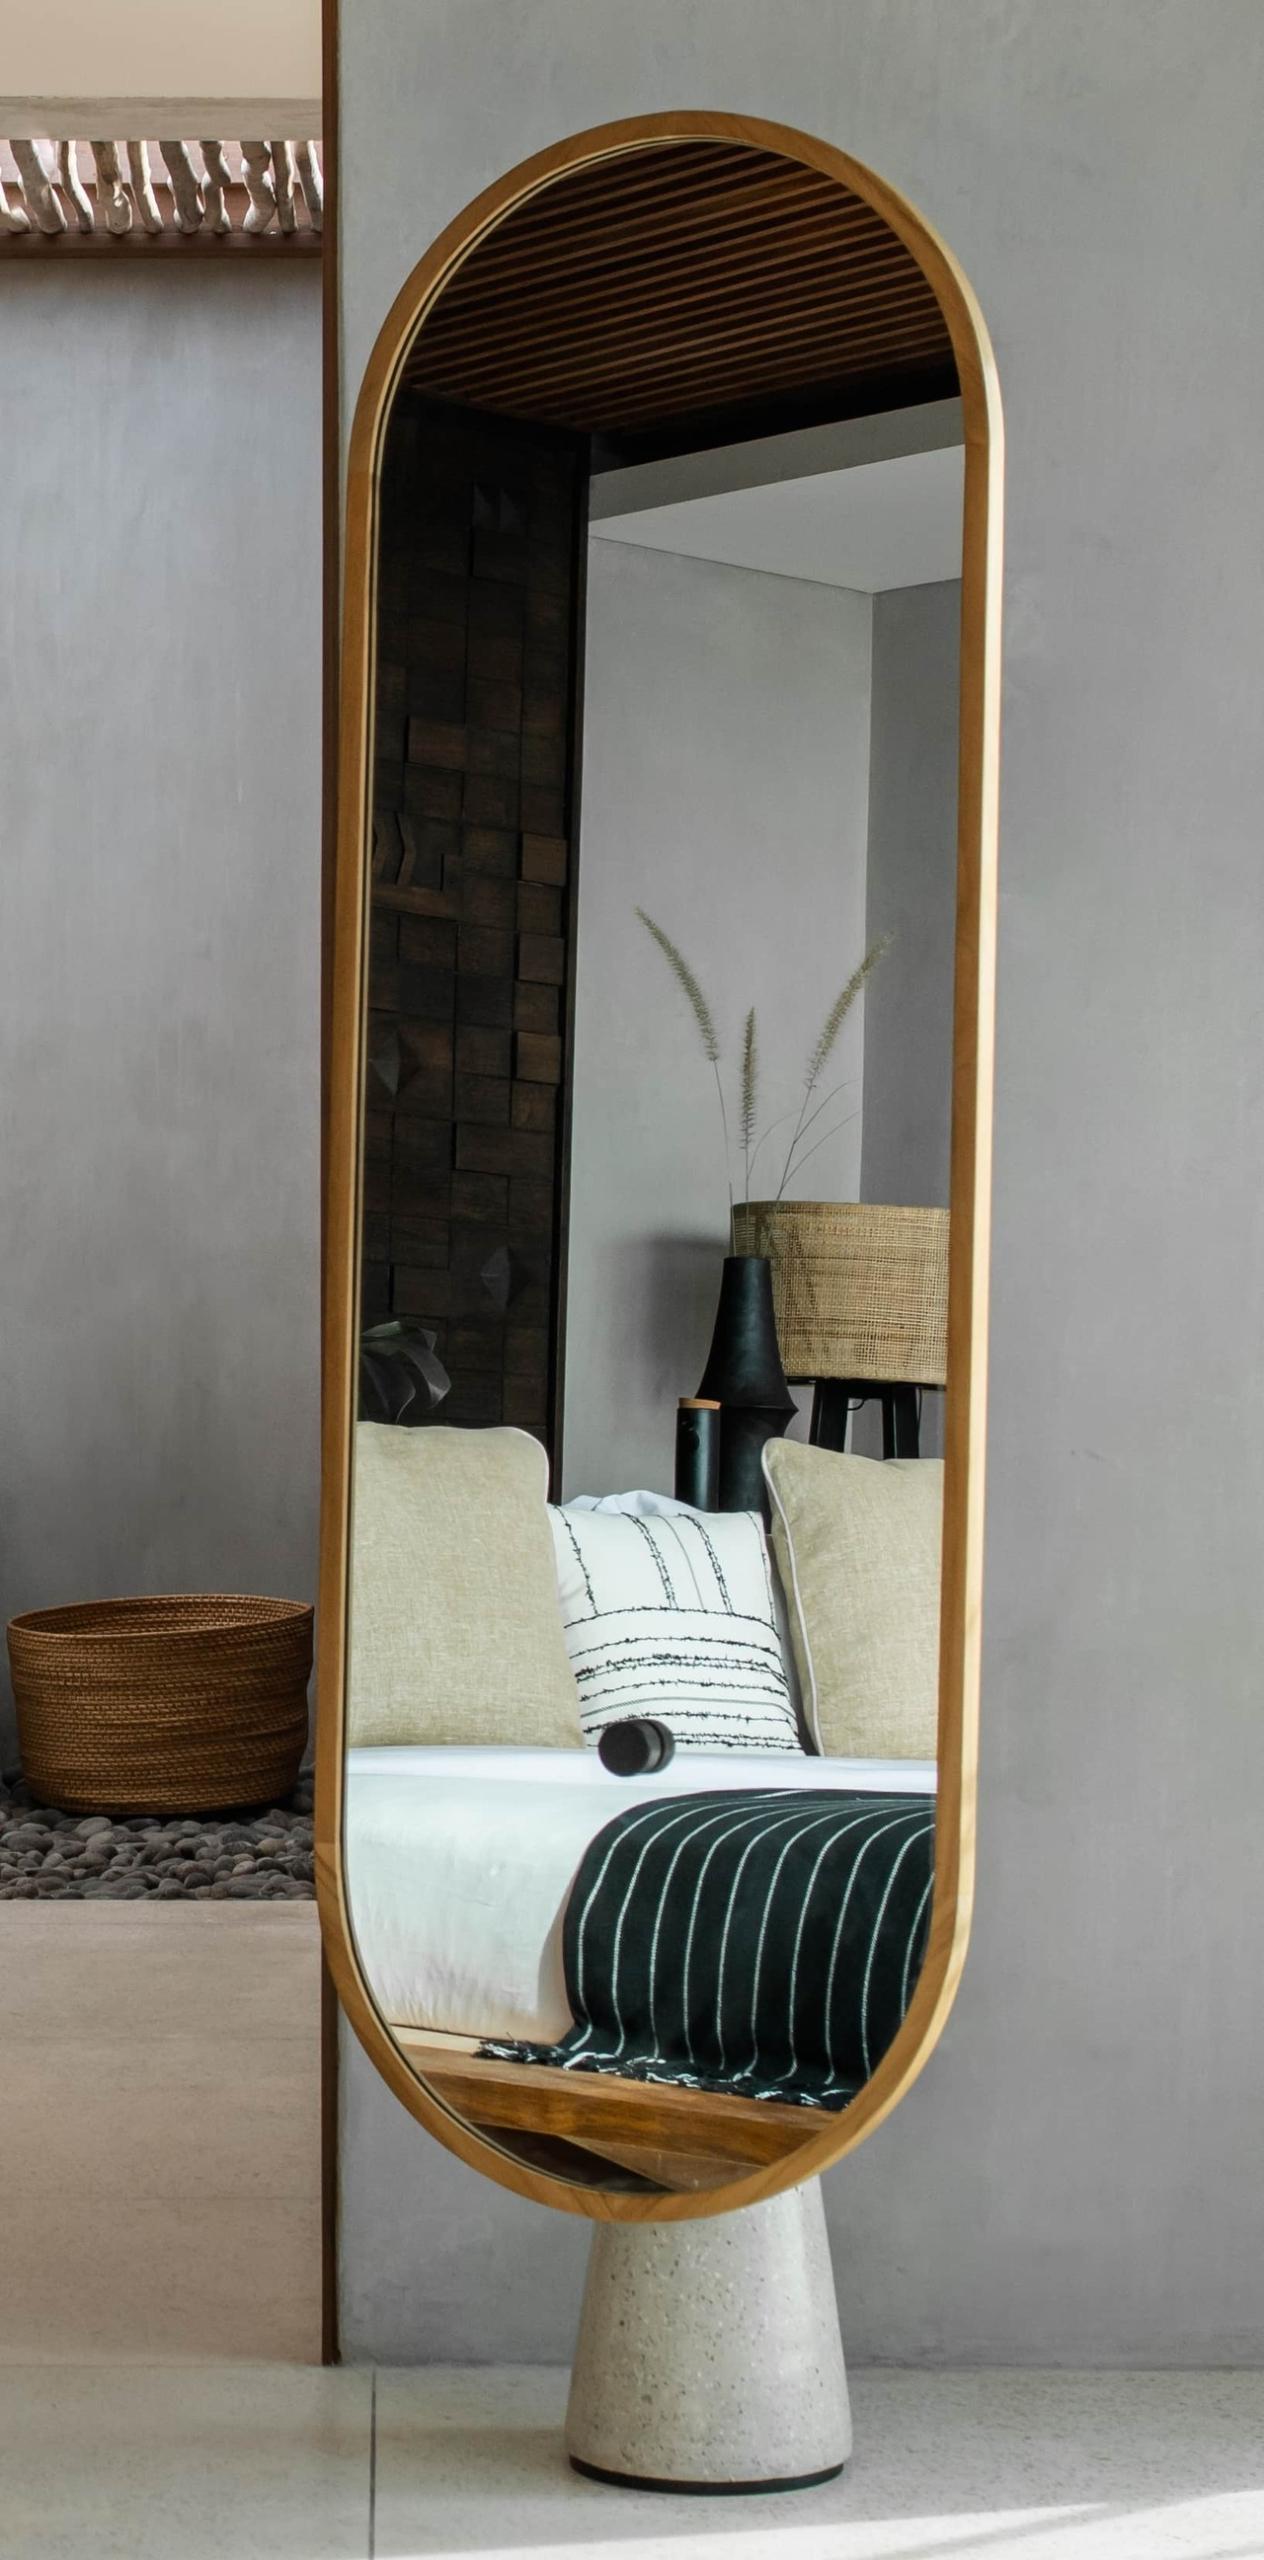 CapKaroso-signature-mirror